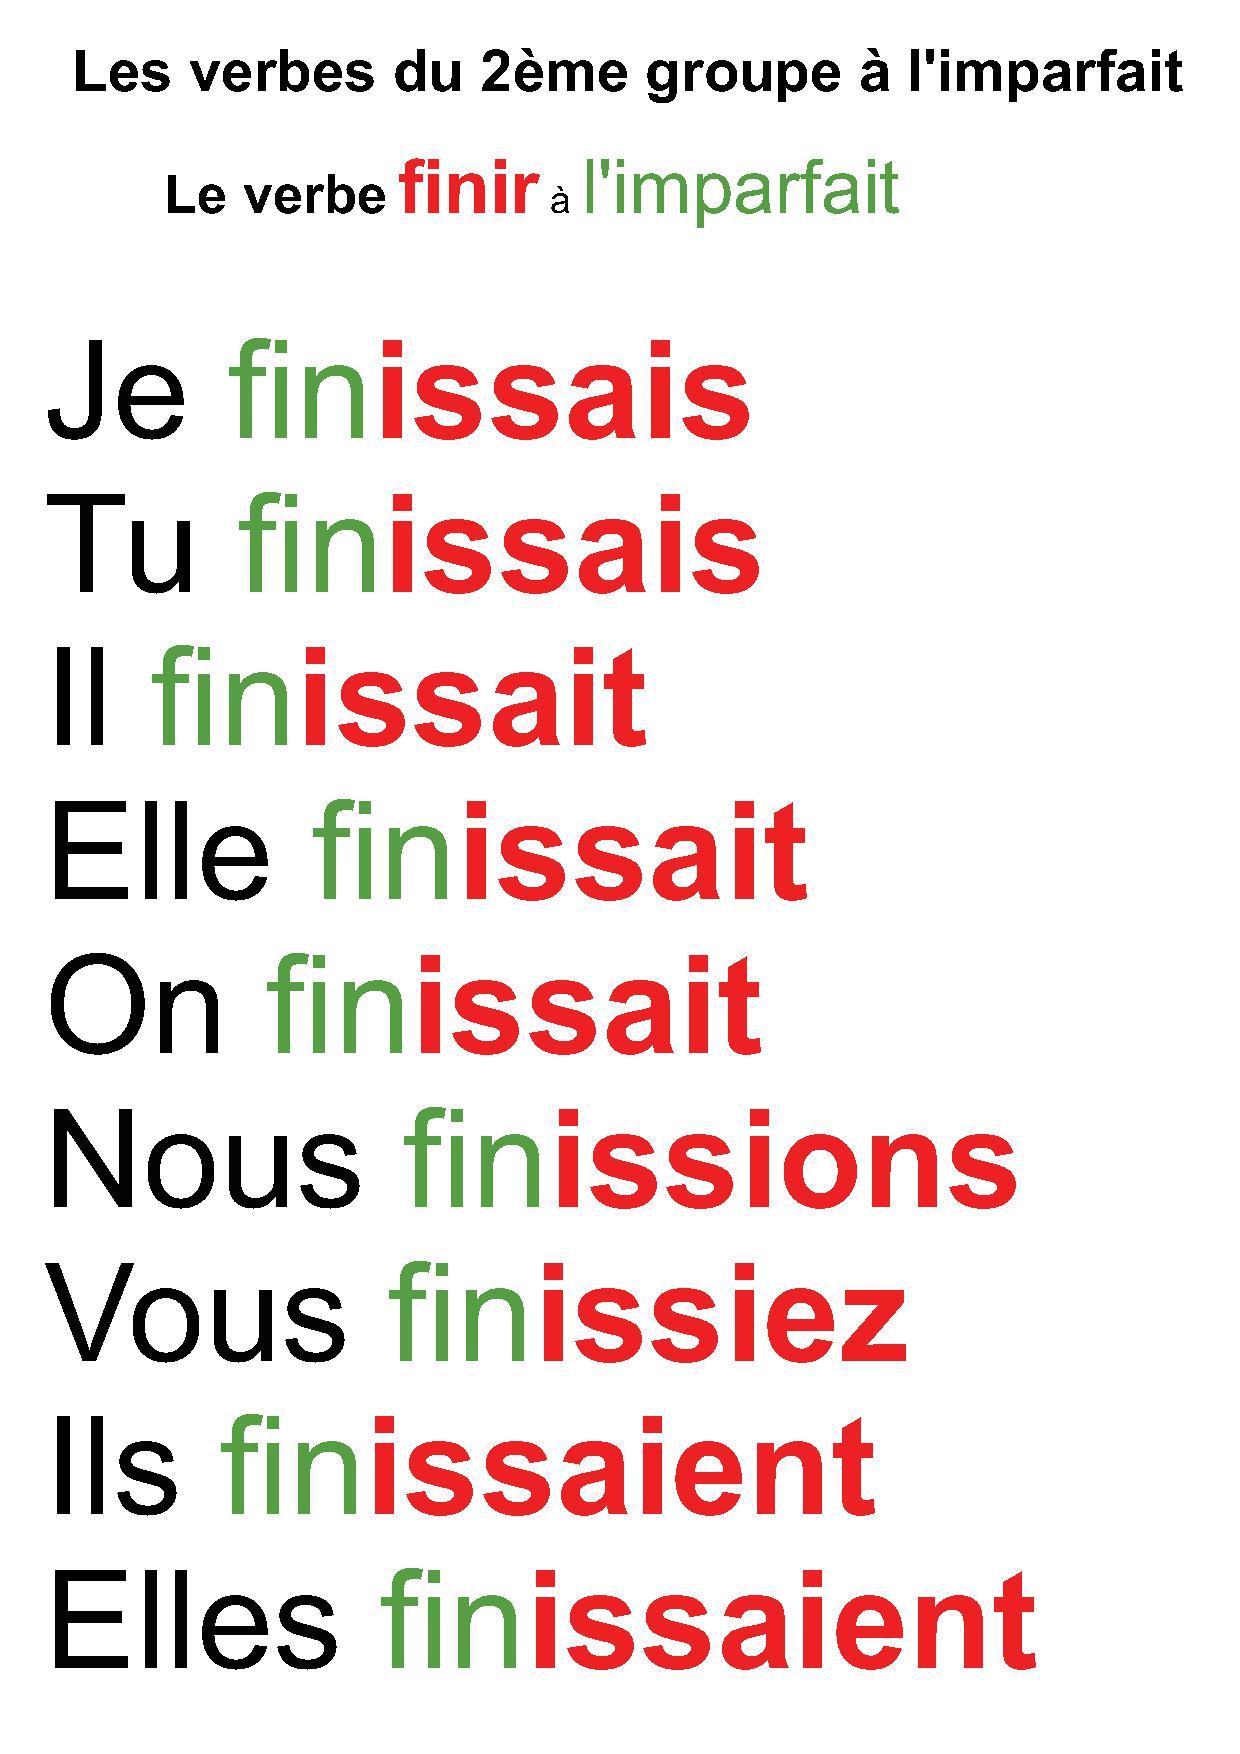 Conjugaison Affiches Des Verbes Conjugues A L Imparfait